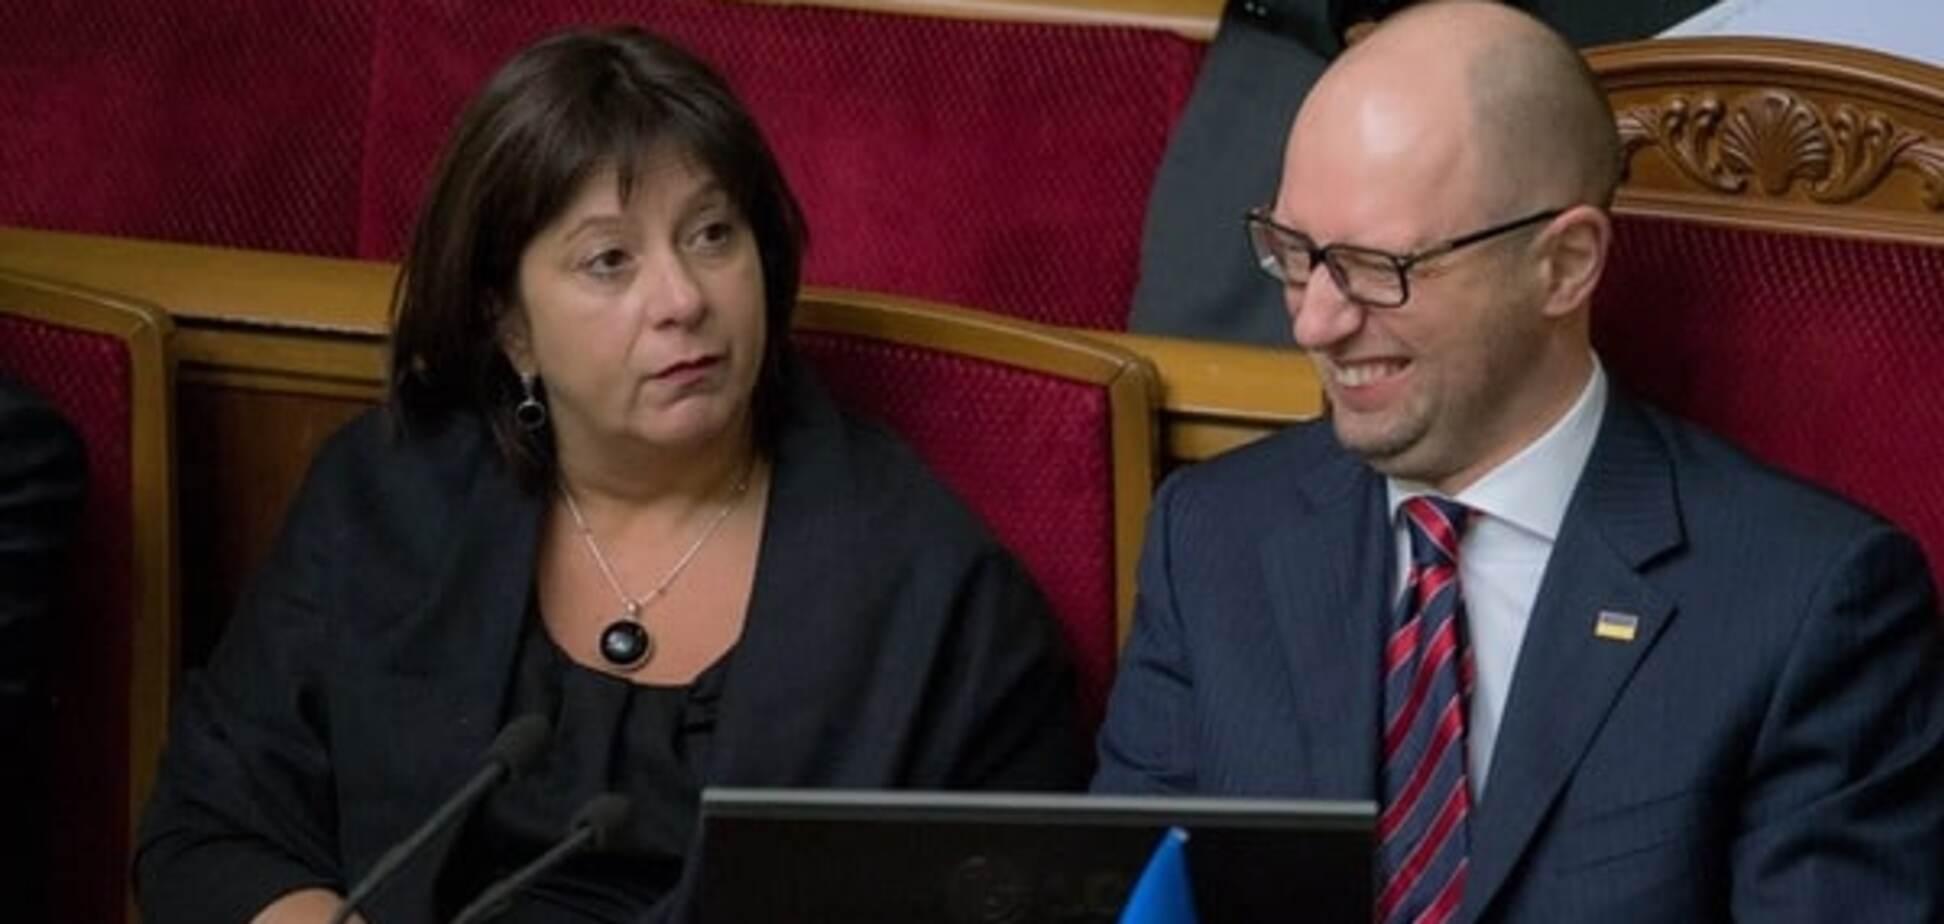 'Не надо печалиться': журналіст 'підловив' емоції Яценюка під час 'години уряду'